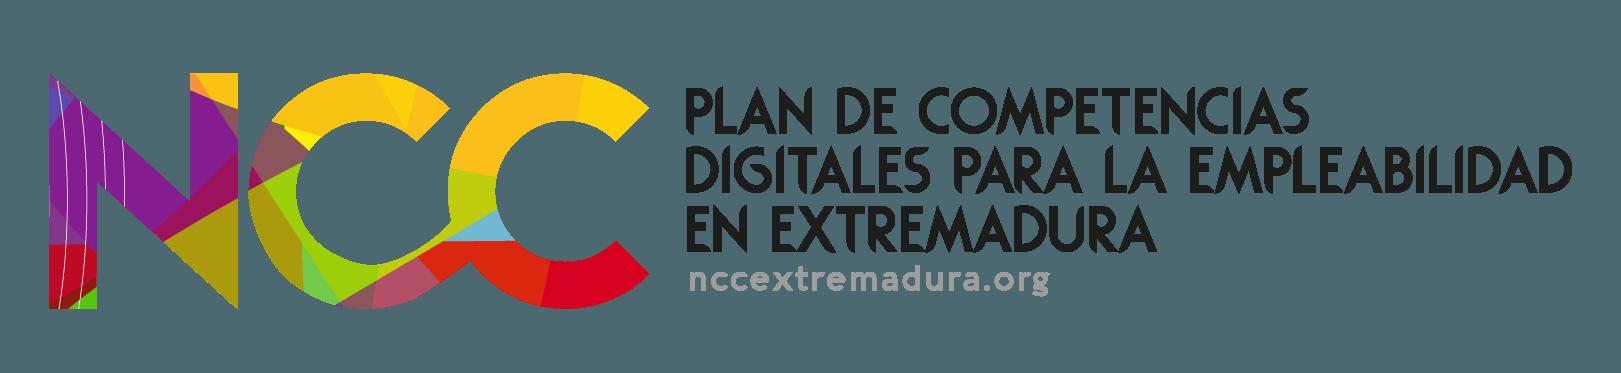 Plan de Competencias Digitales para la Empleabilidad en Extremadura